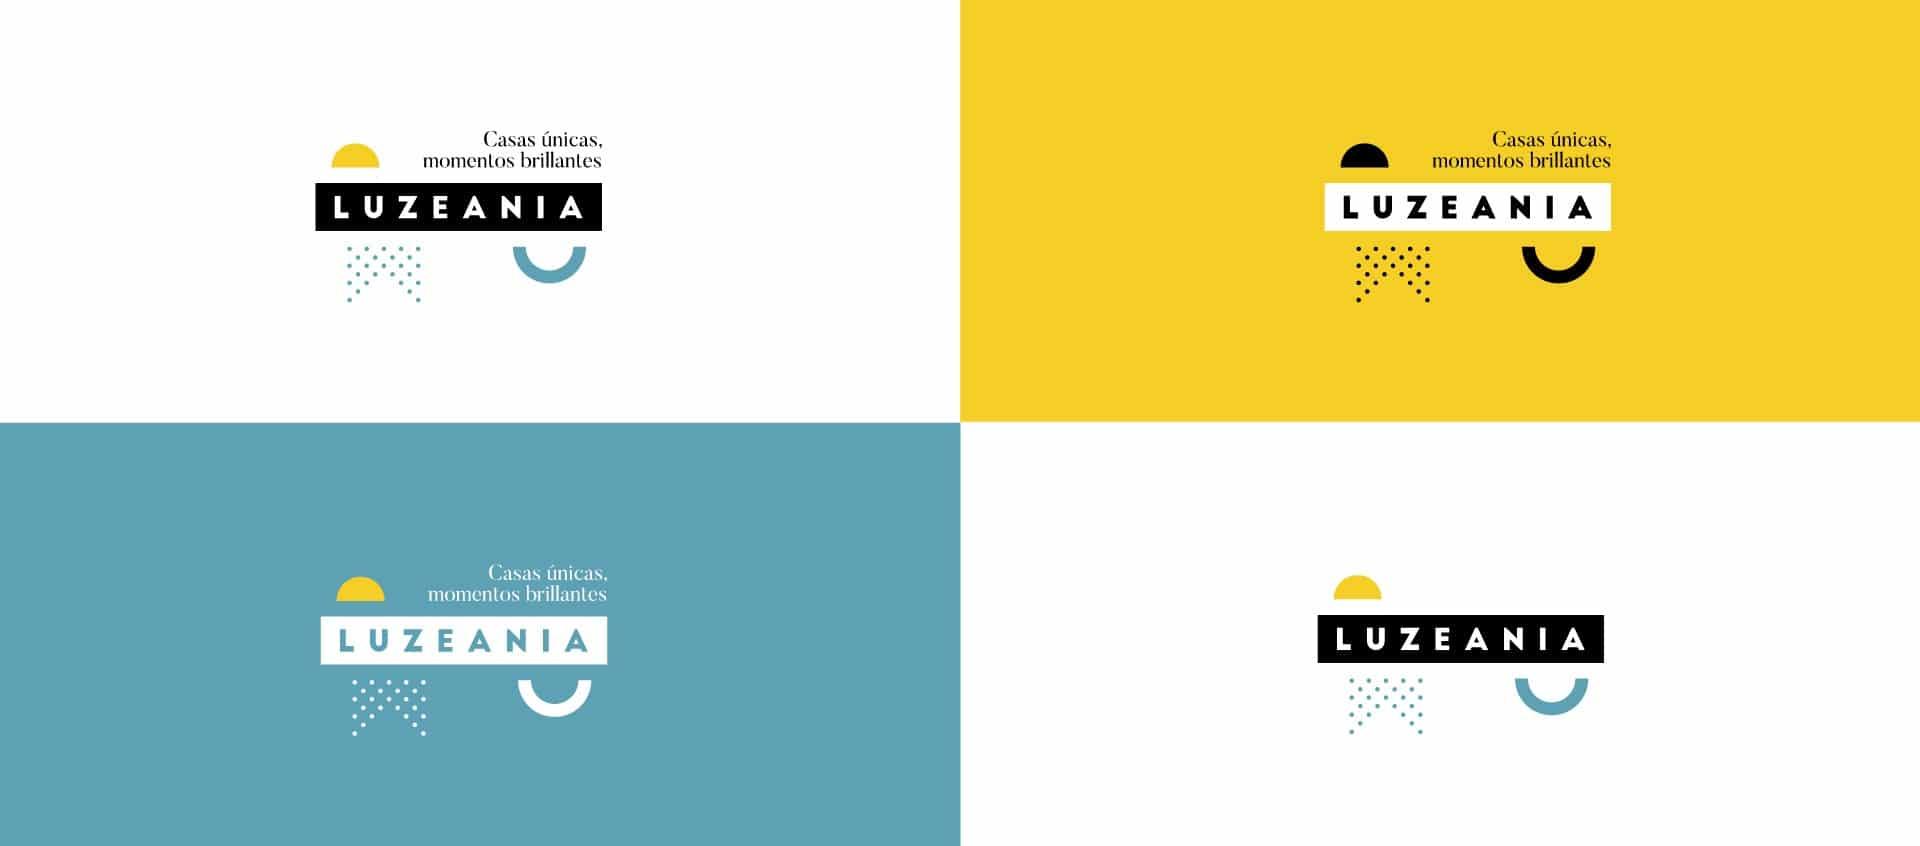 estrategia identidad marca behind luzeania logos